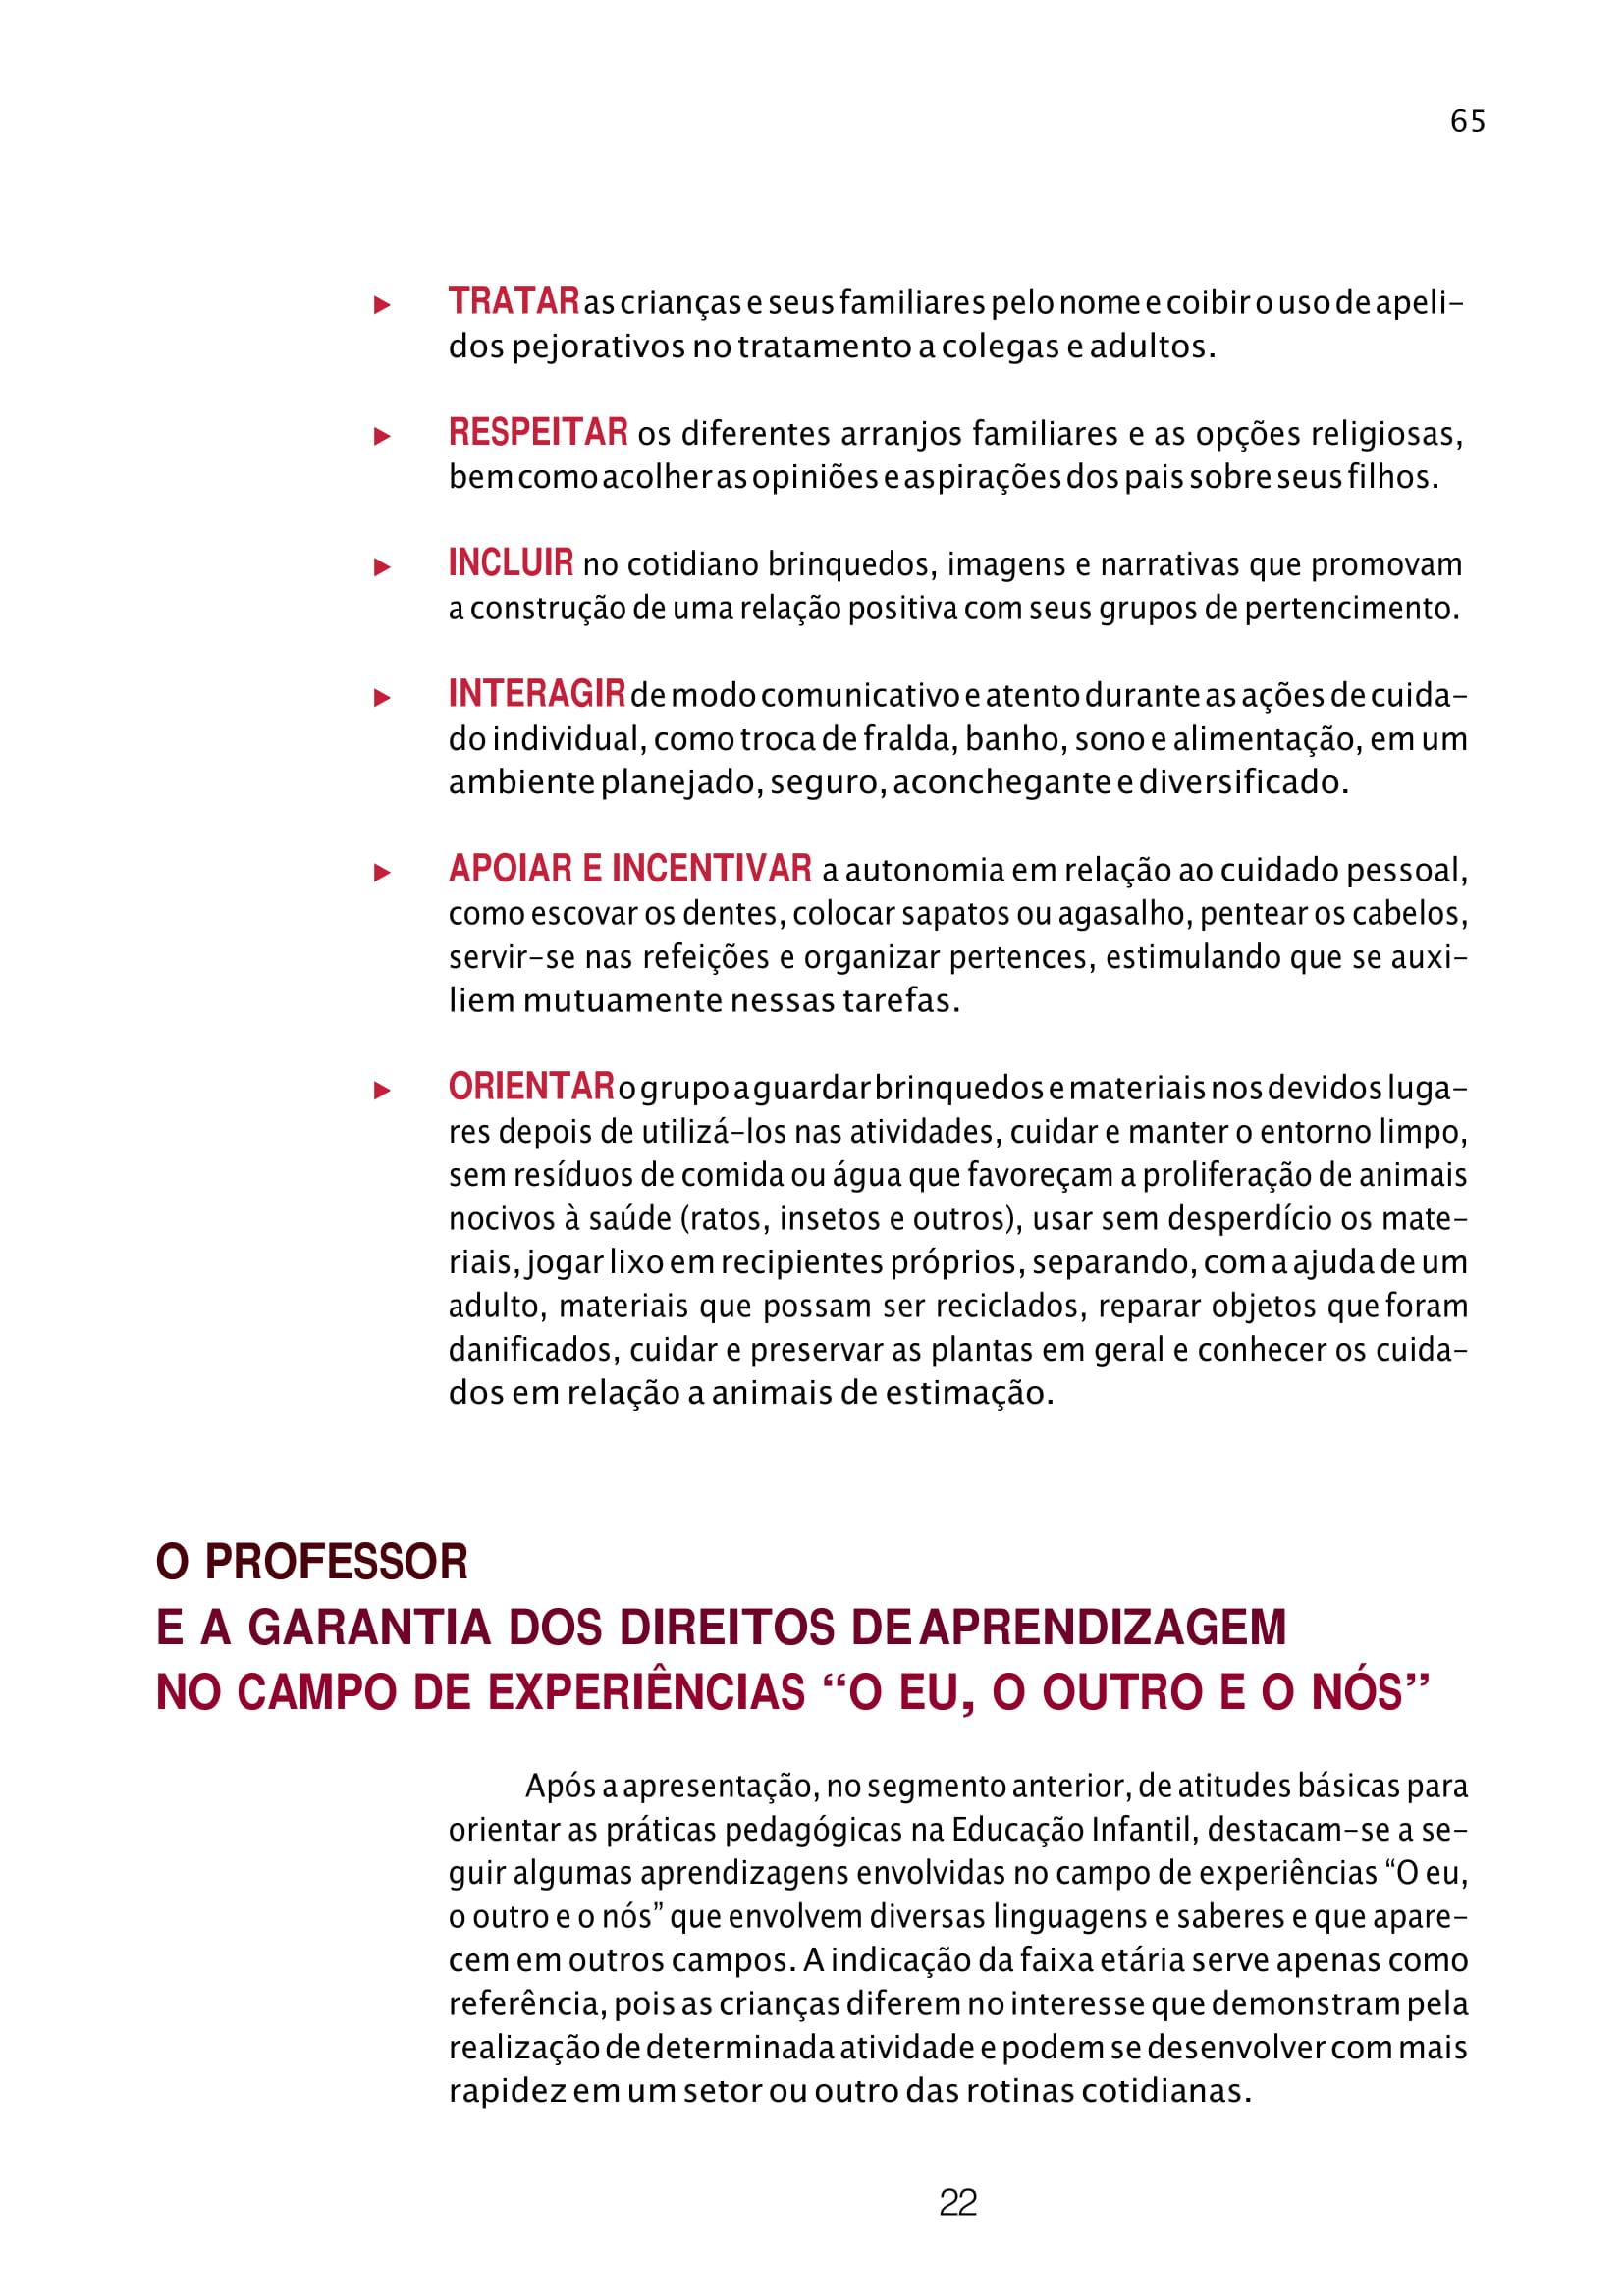 planejamento-educação-infantil-bncc-geral-95